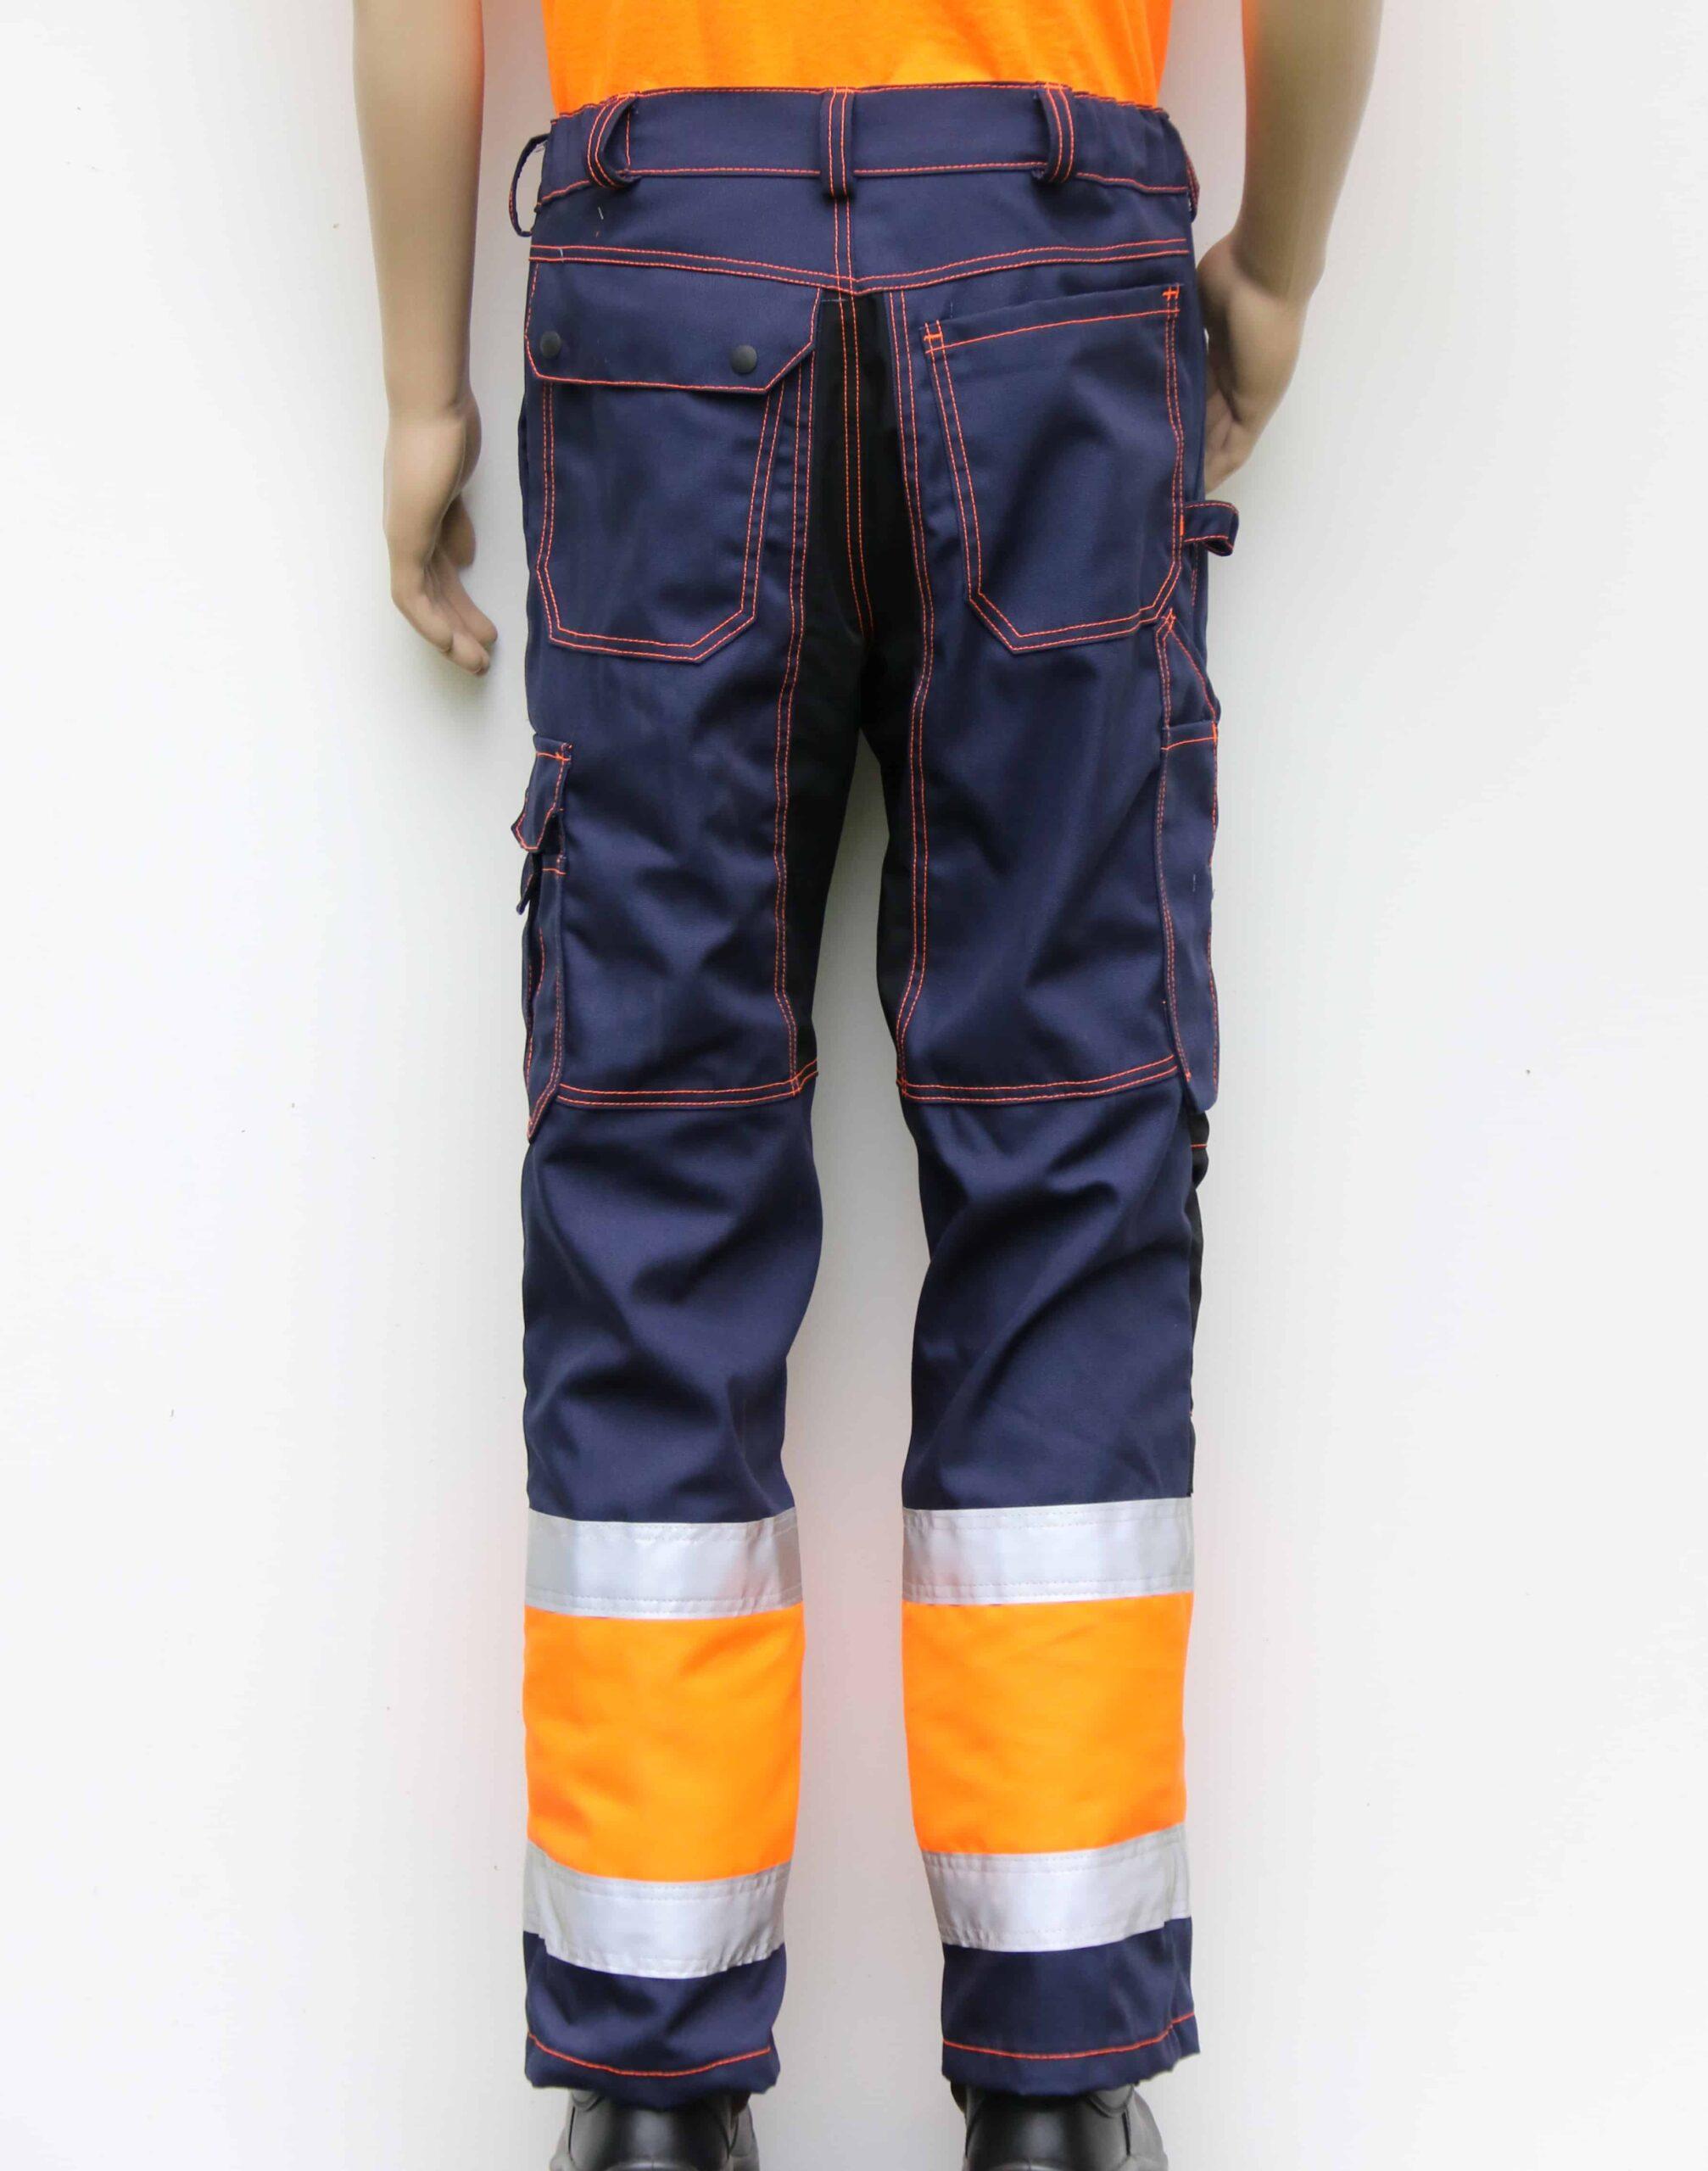 Multinorm sädemekindlad püksid FLAM 9